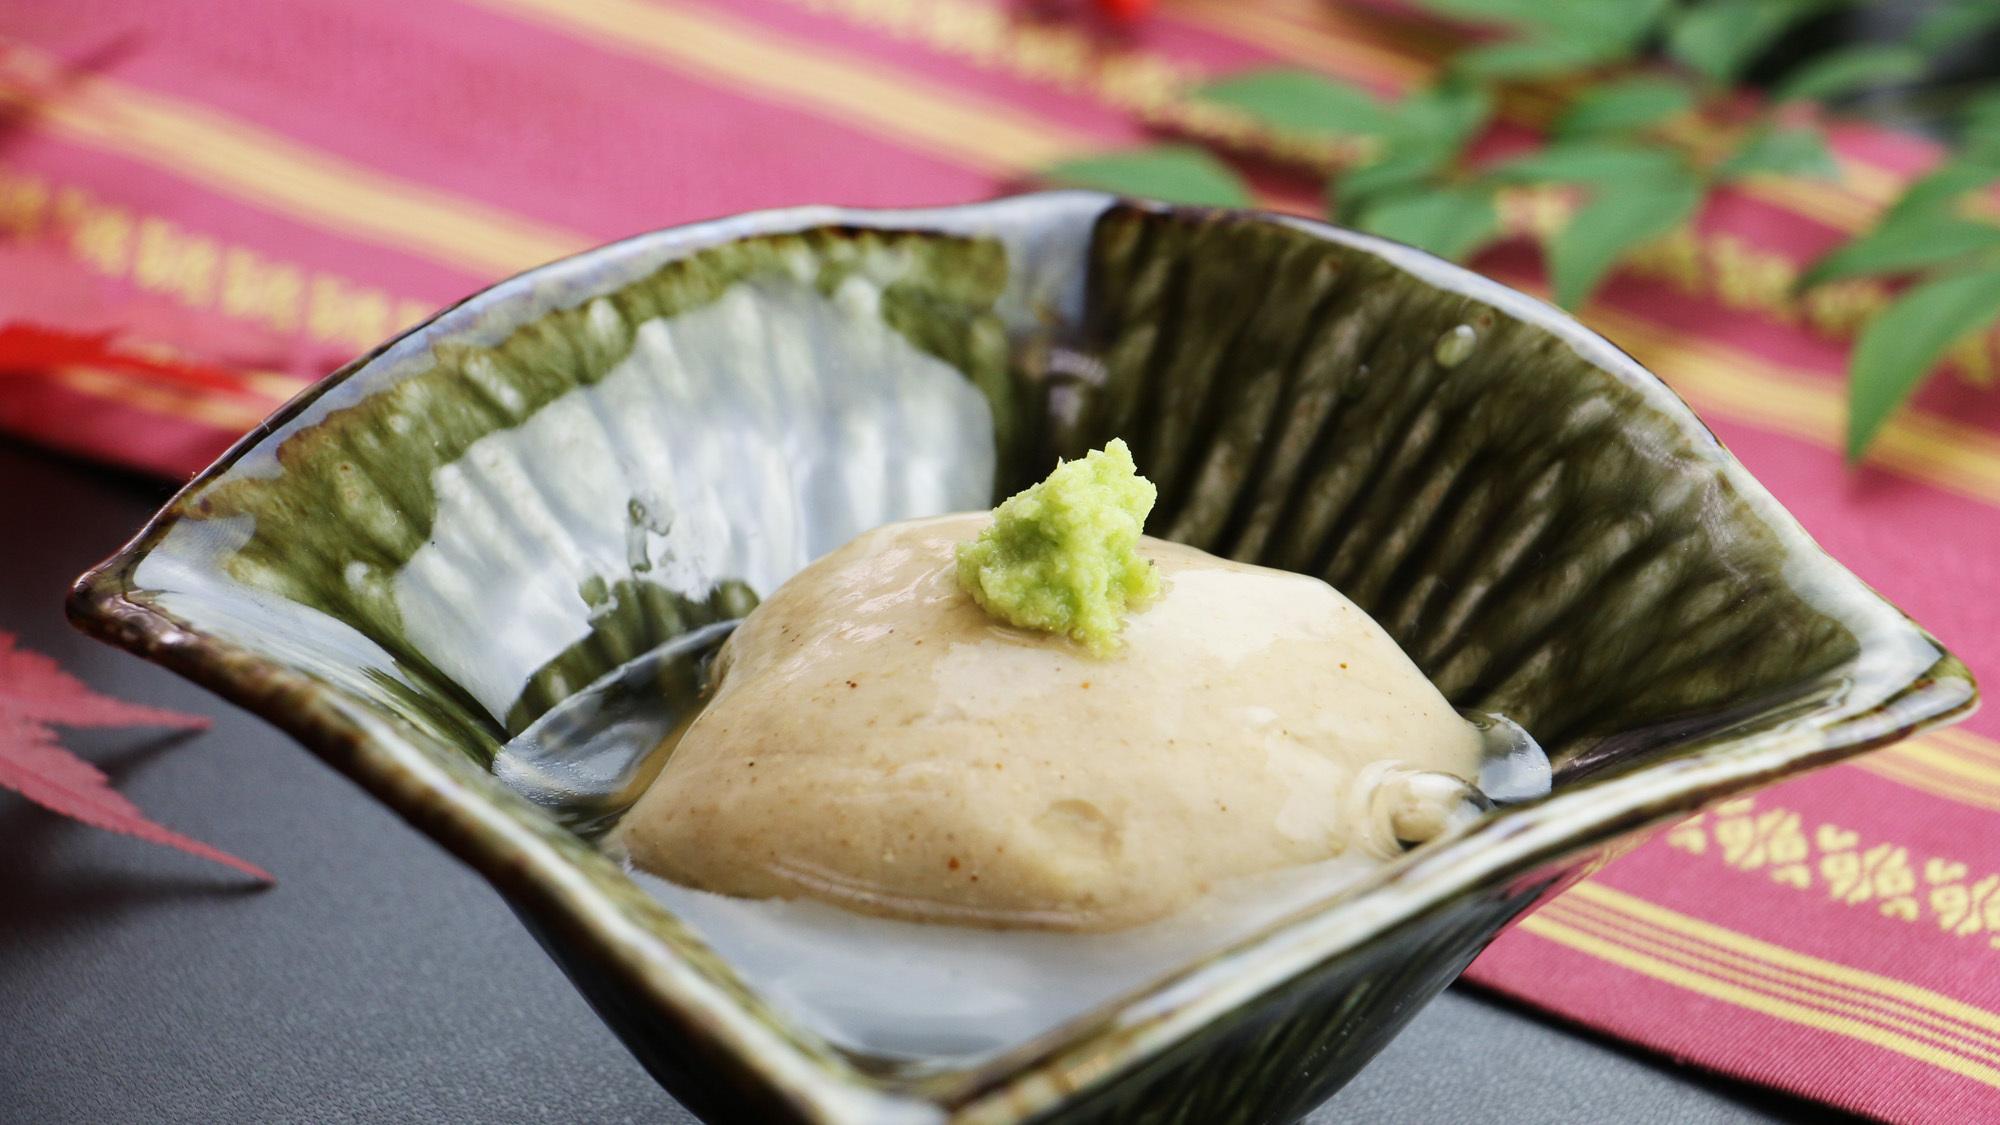 ひやま御膳イメージ 日光の名産品でもある「日光湯波」 大豆の濃厚な風味が感じられます。